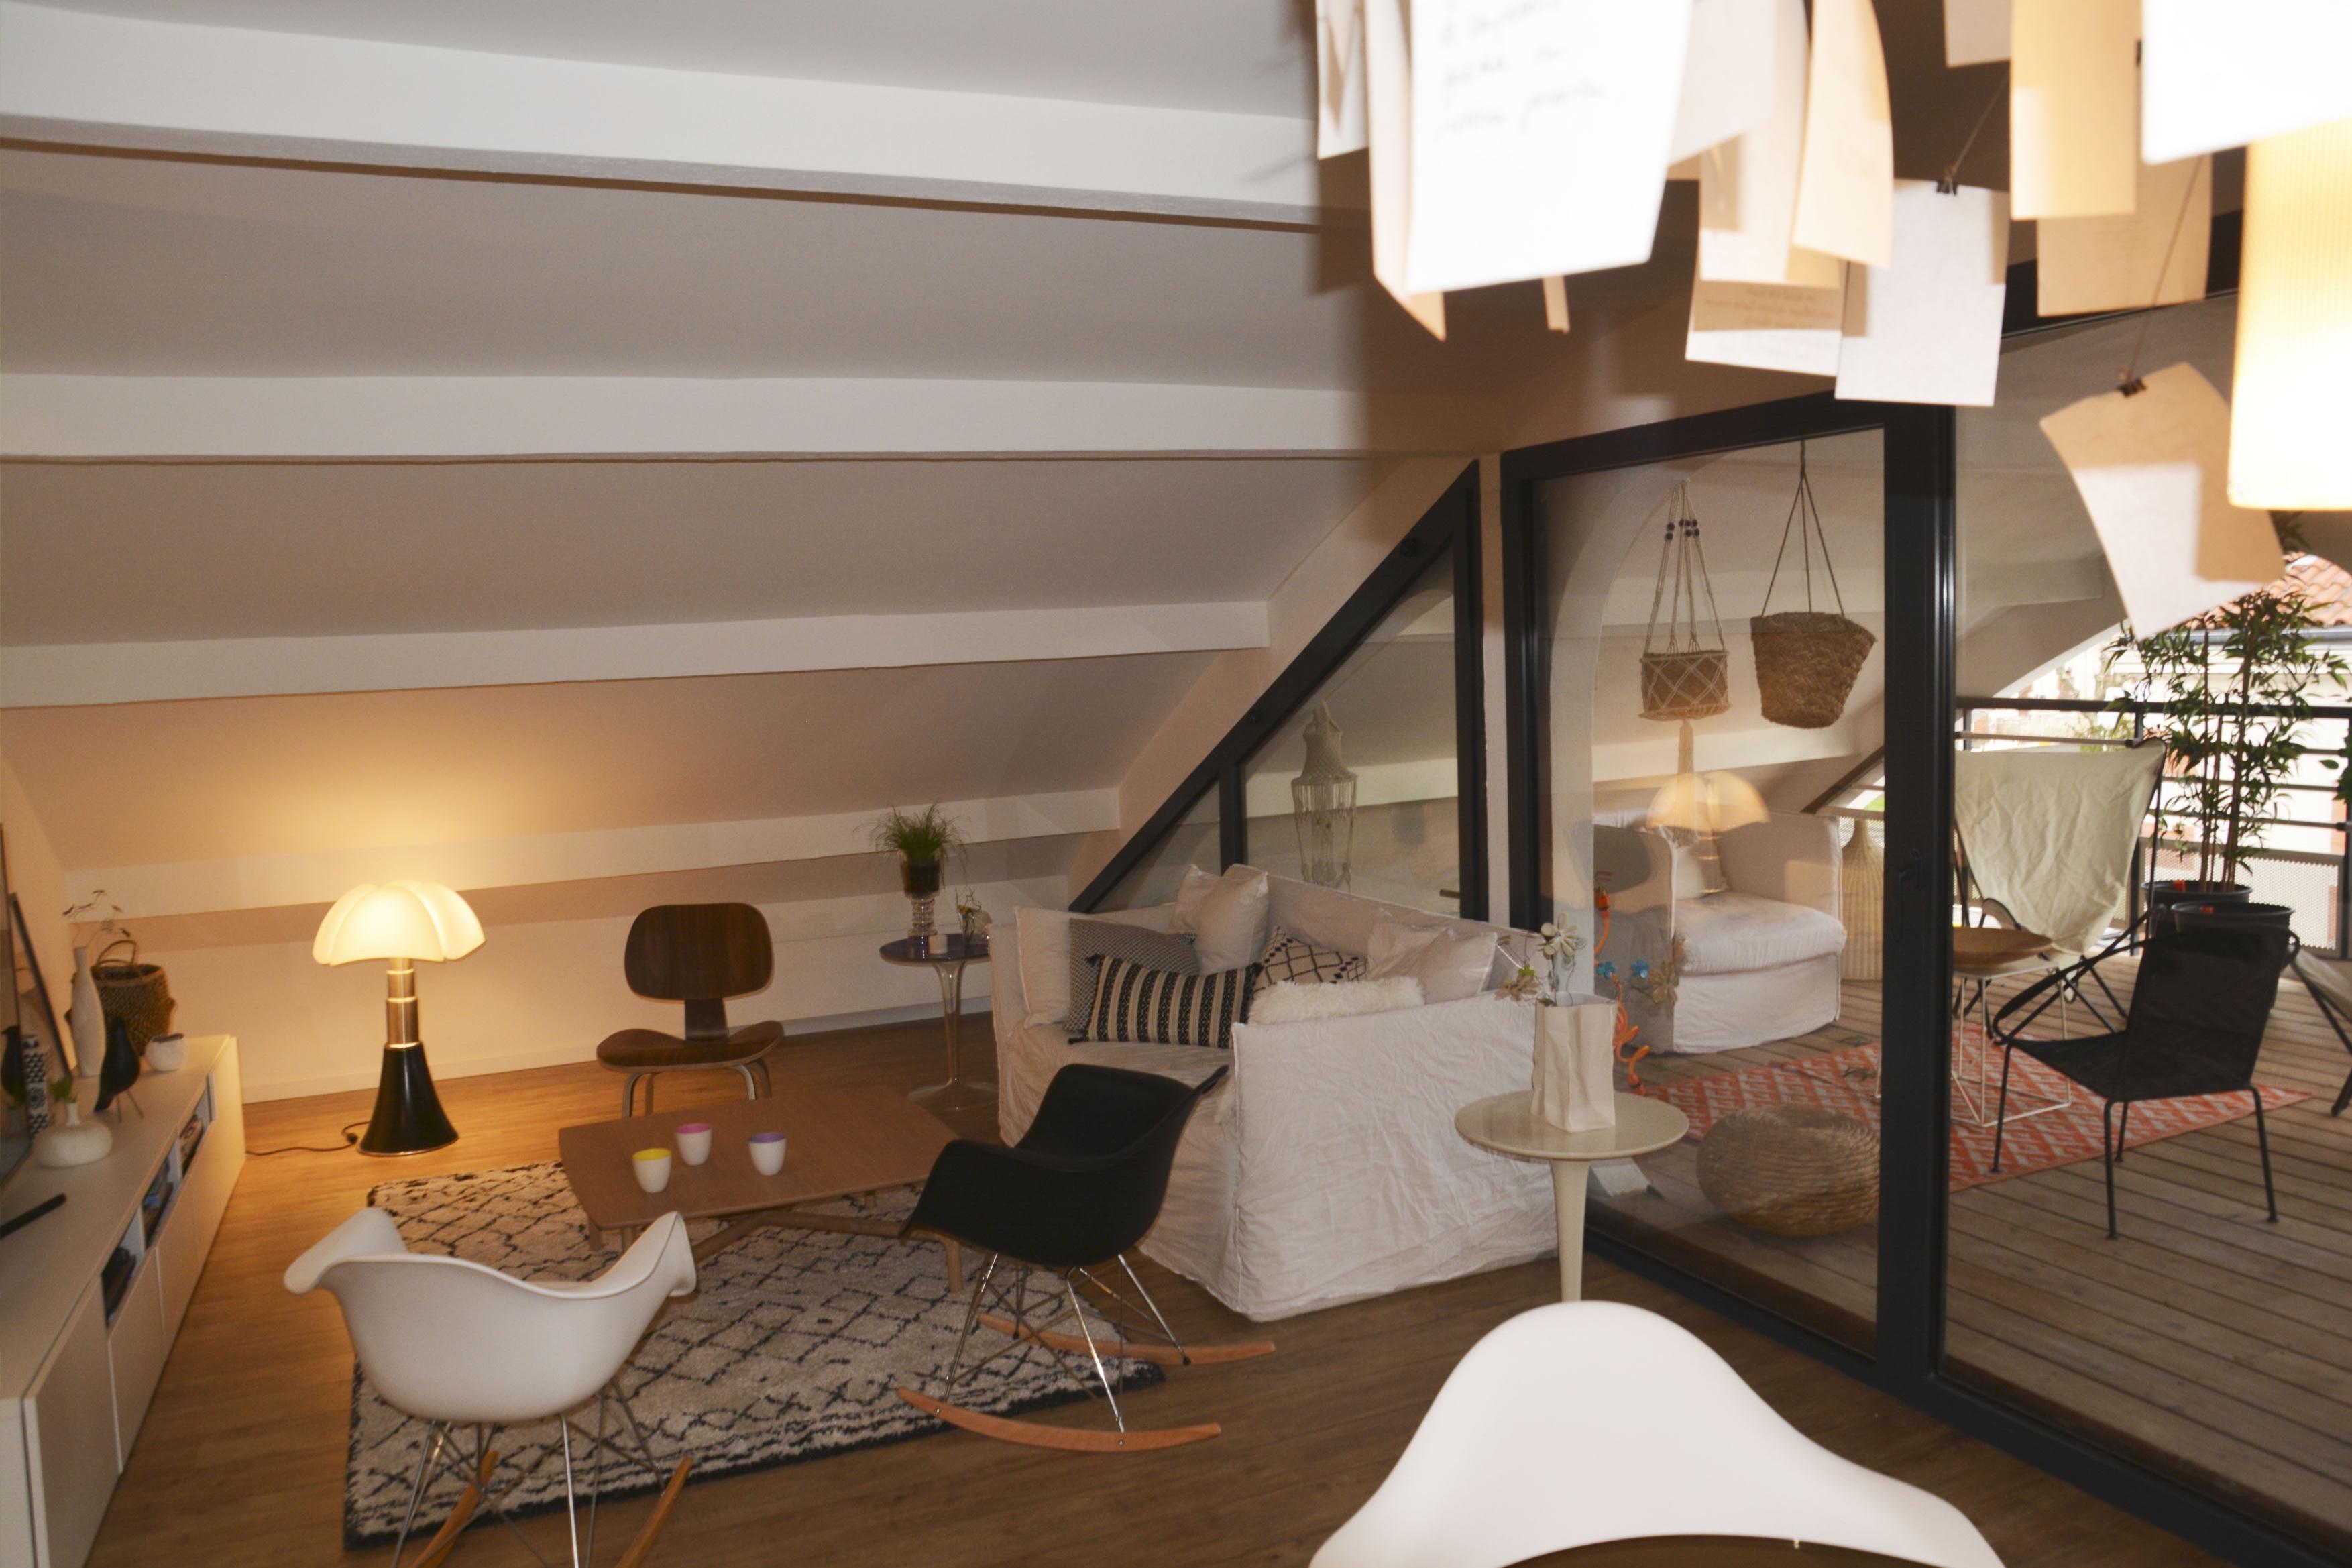 carreaux de ciment lovell d co home staging coaching d co. Black Bedroom Furniture Sets. Home Design Ideas